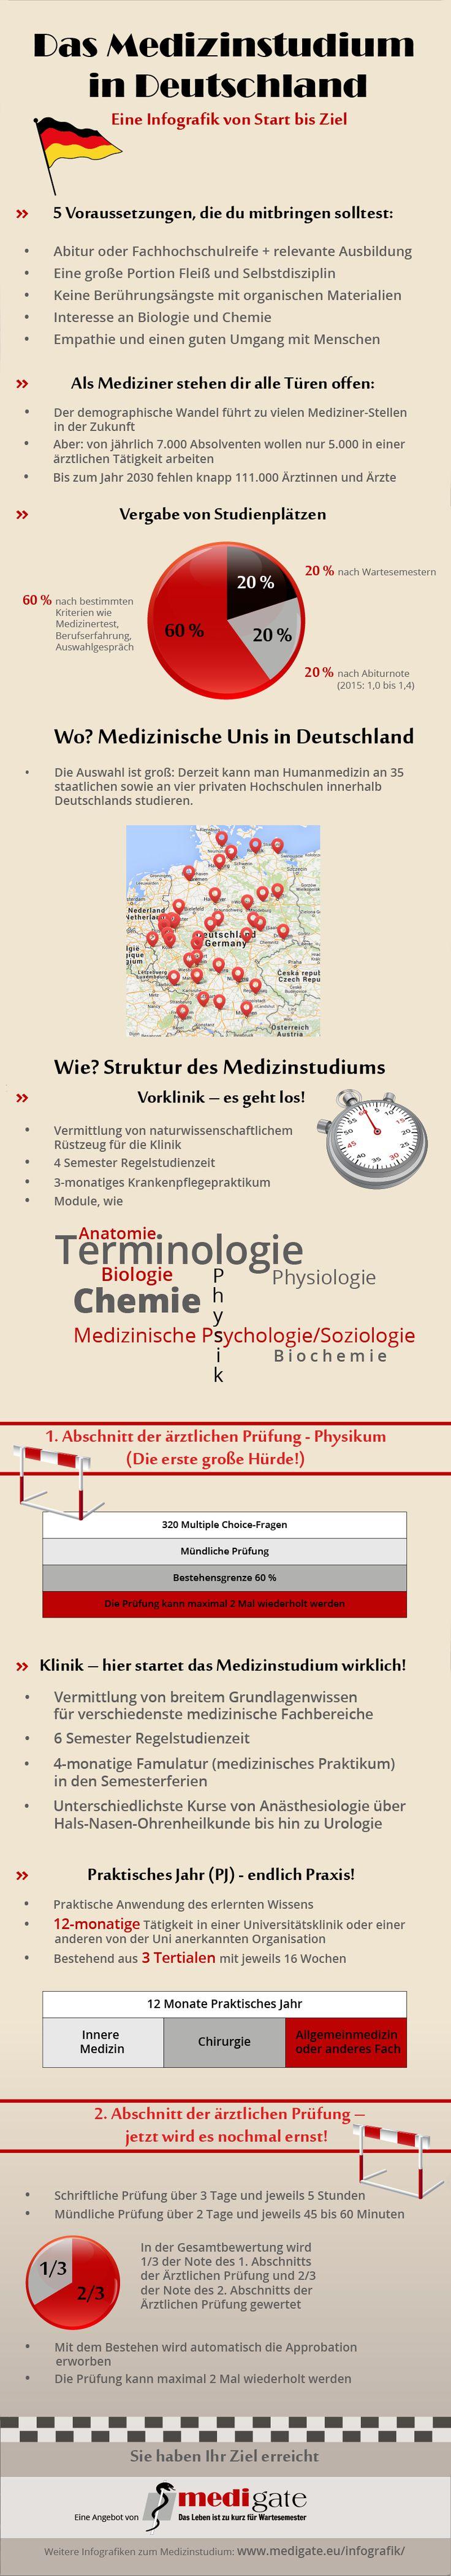 Infografik Medizinstudium in Deutschland Ola Paciorek